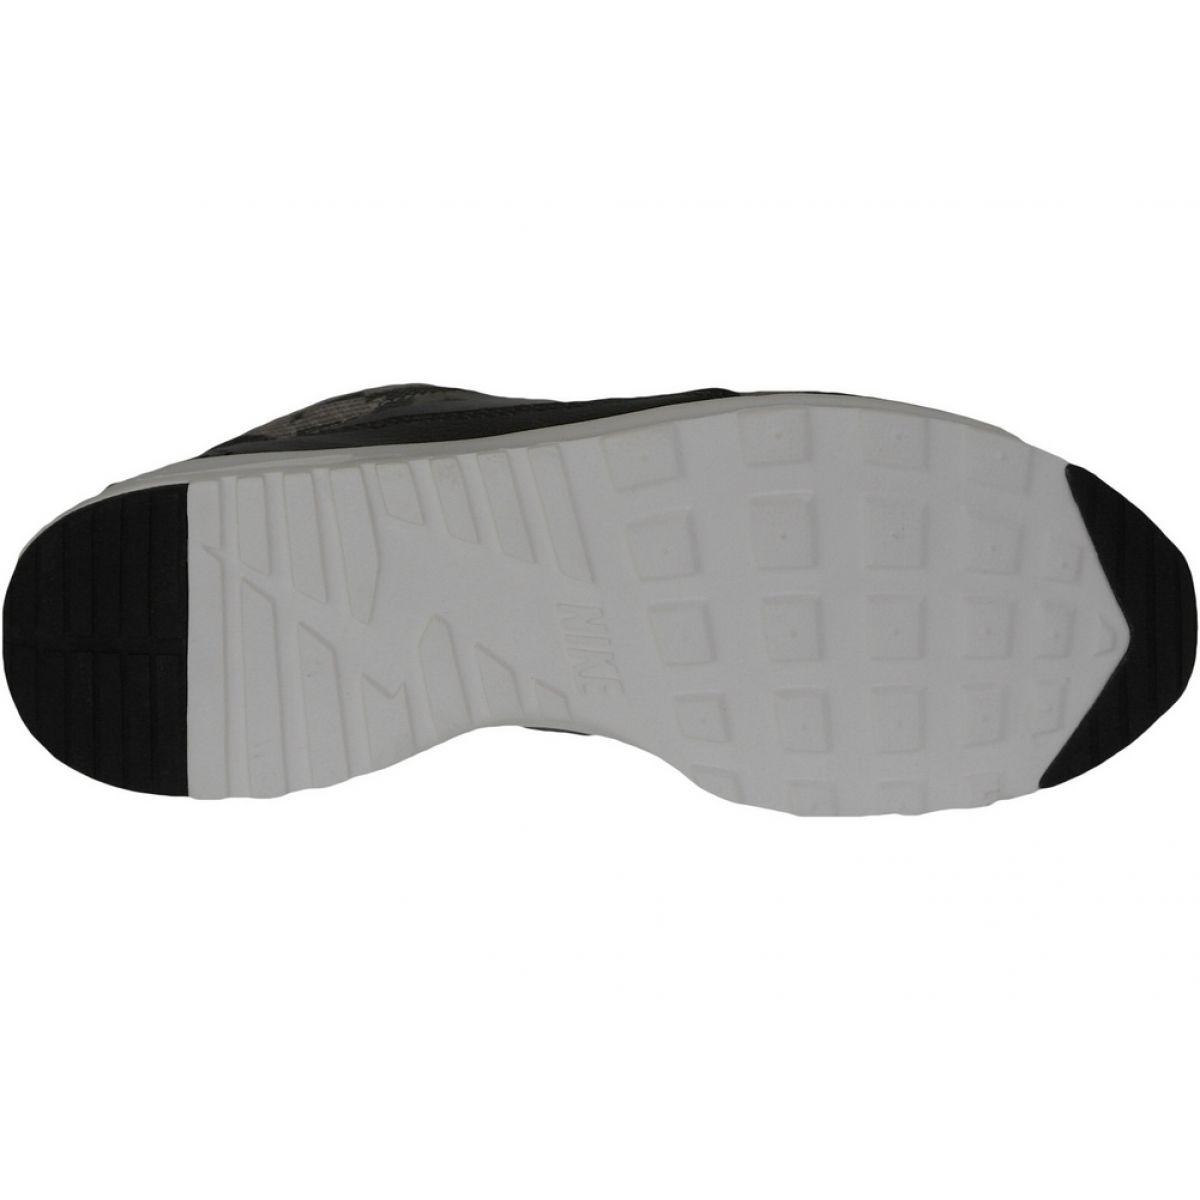 Dettagli su Nike Air Max Thea W 718646 200 Marrone mostra il titolo originale